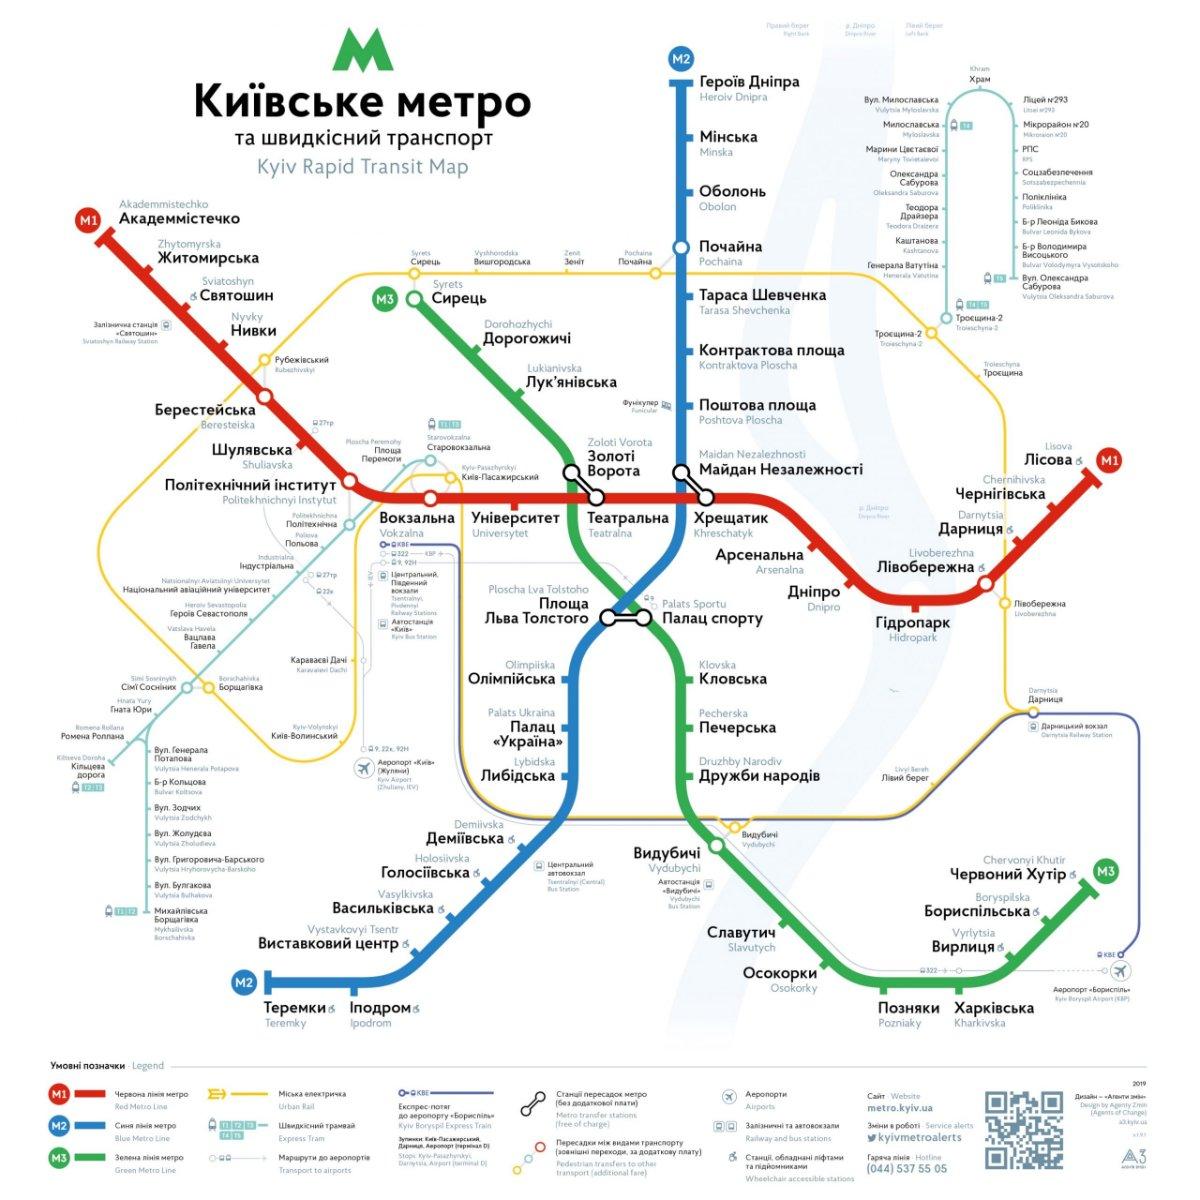 IDMedia Наружная реклама в городе Киев (Киевская область), Метро Digital в городе Киев №238994 схема